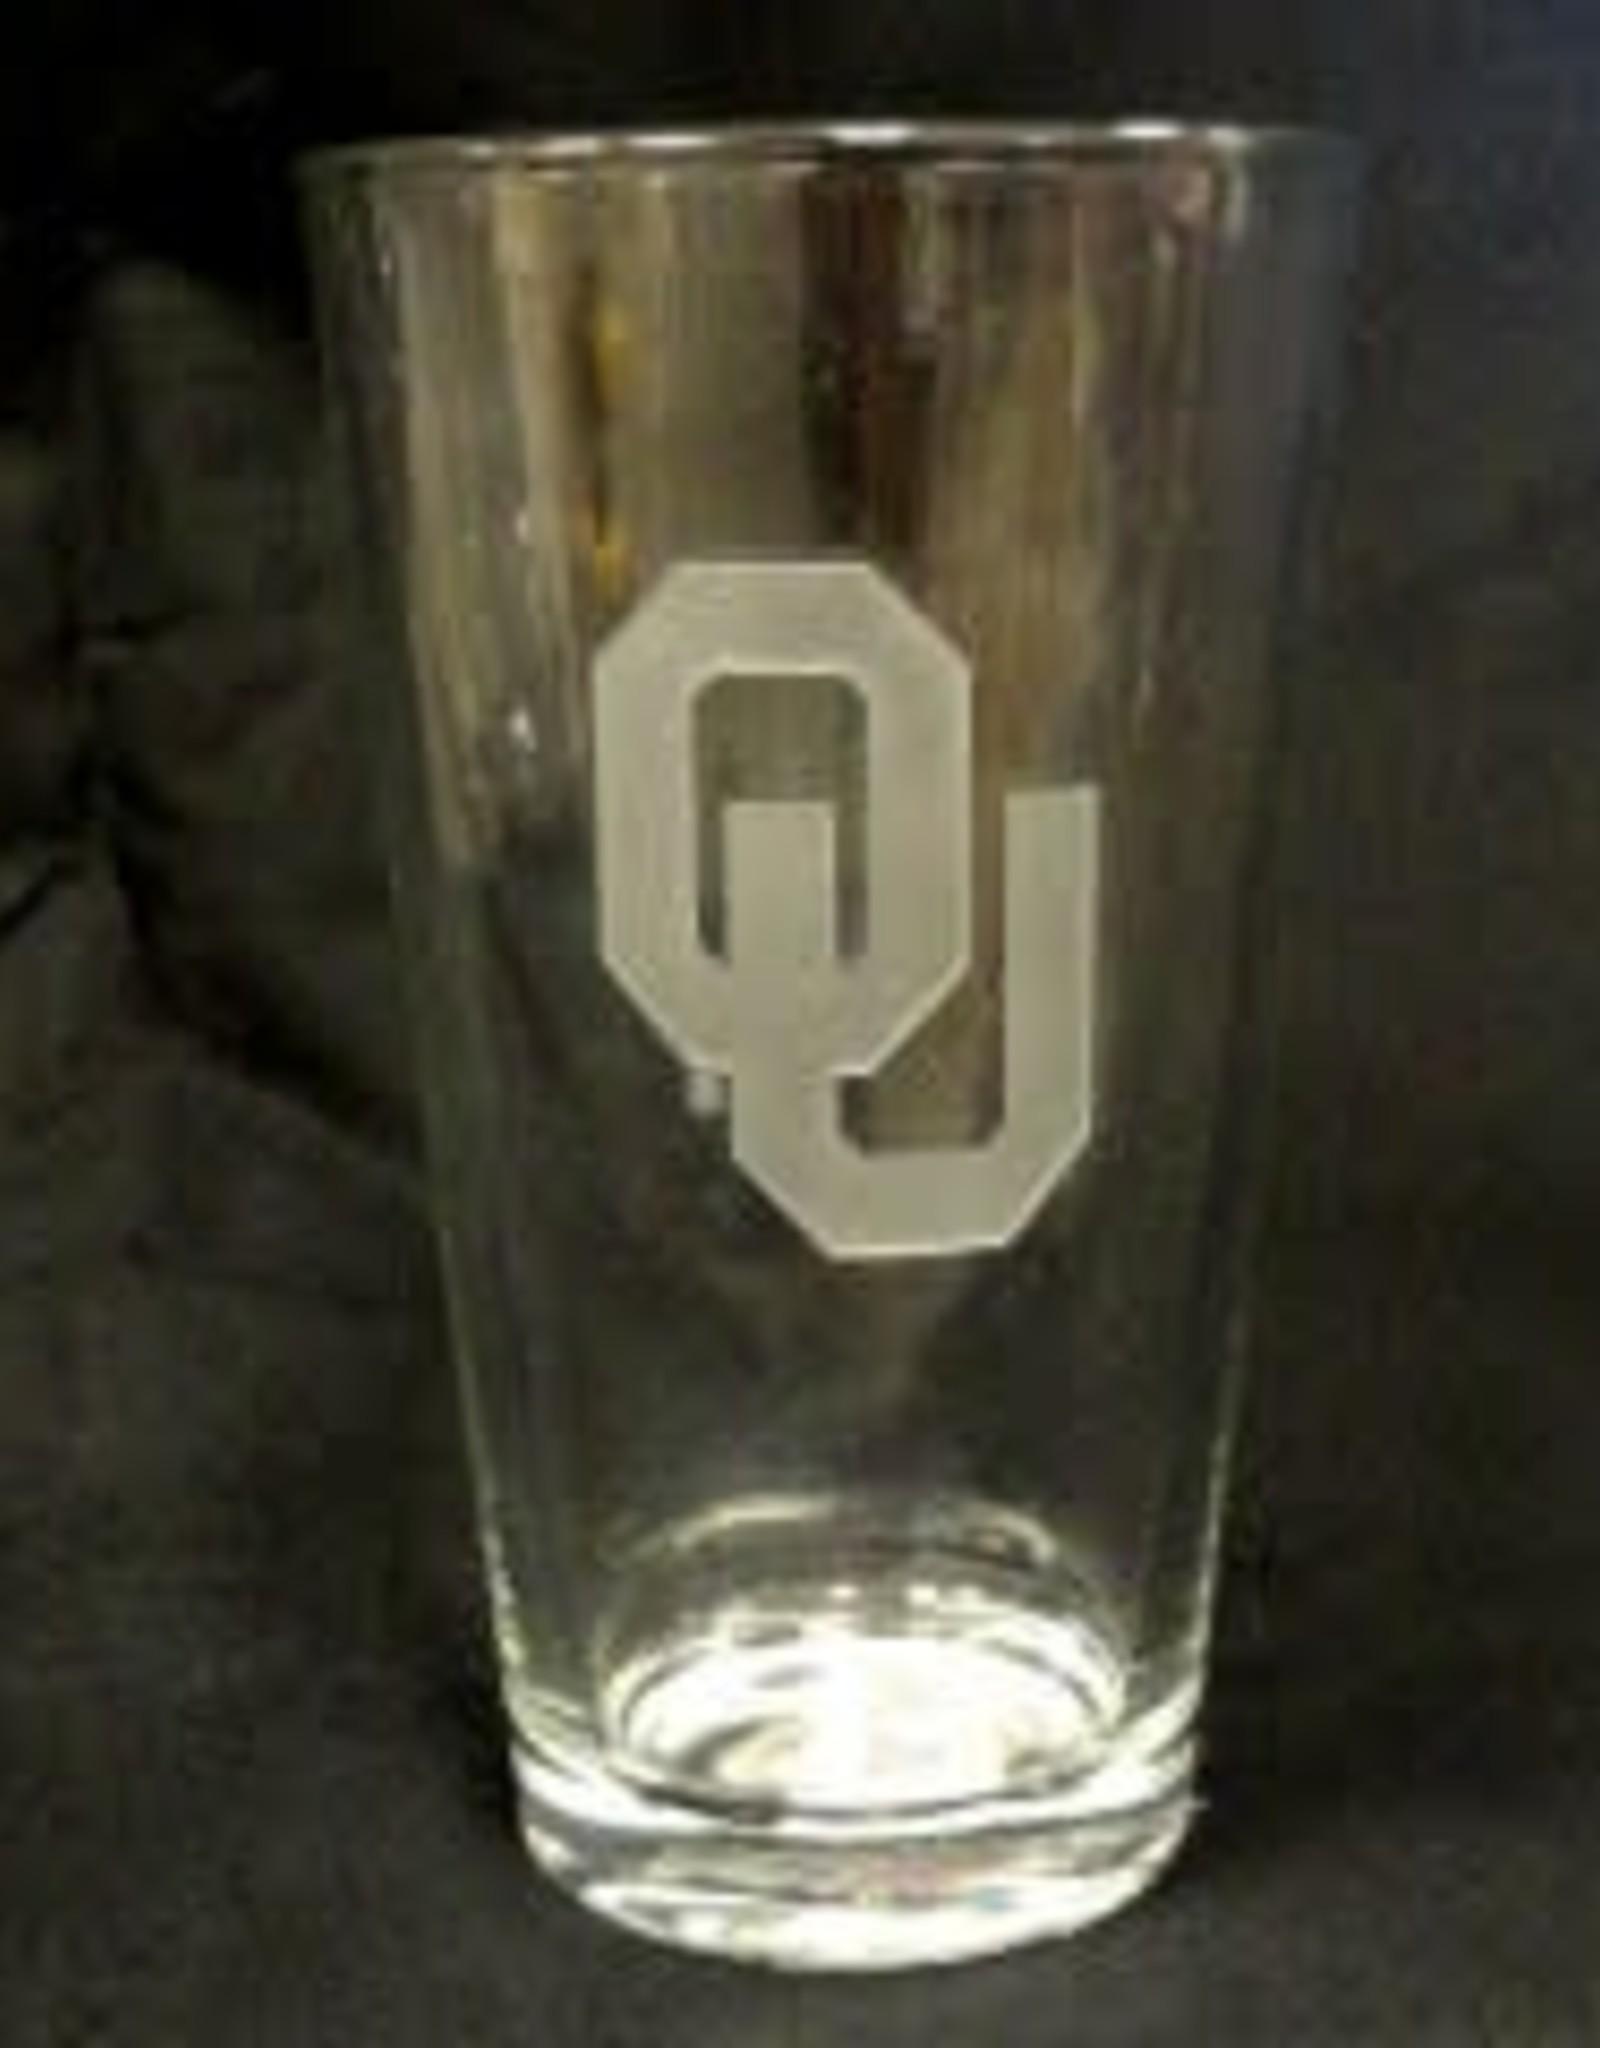 CSI OU Etched Pint Glass